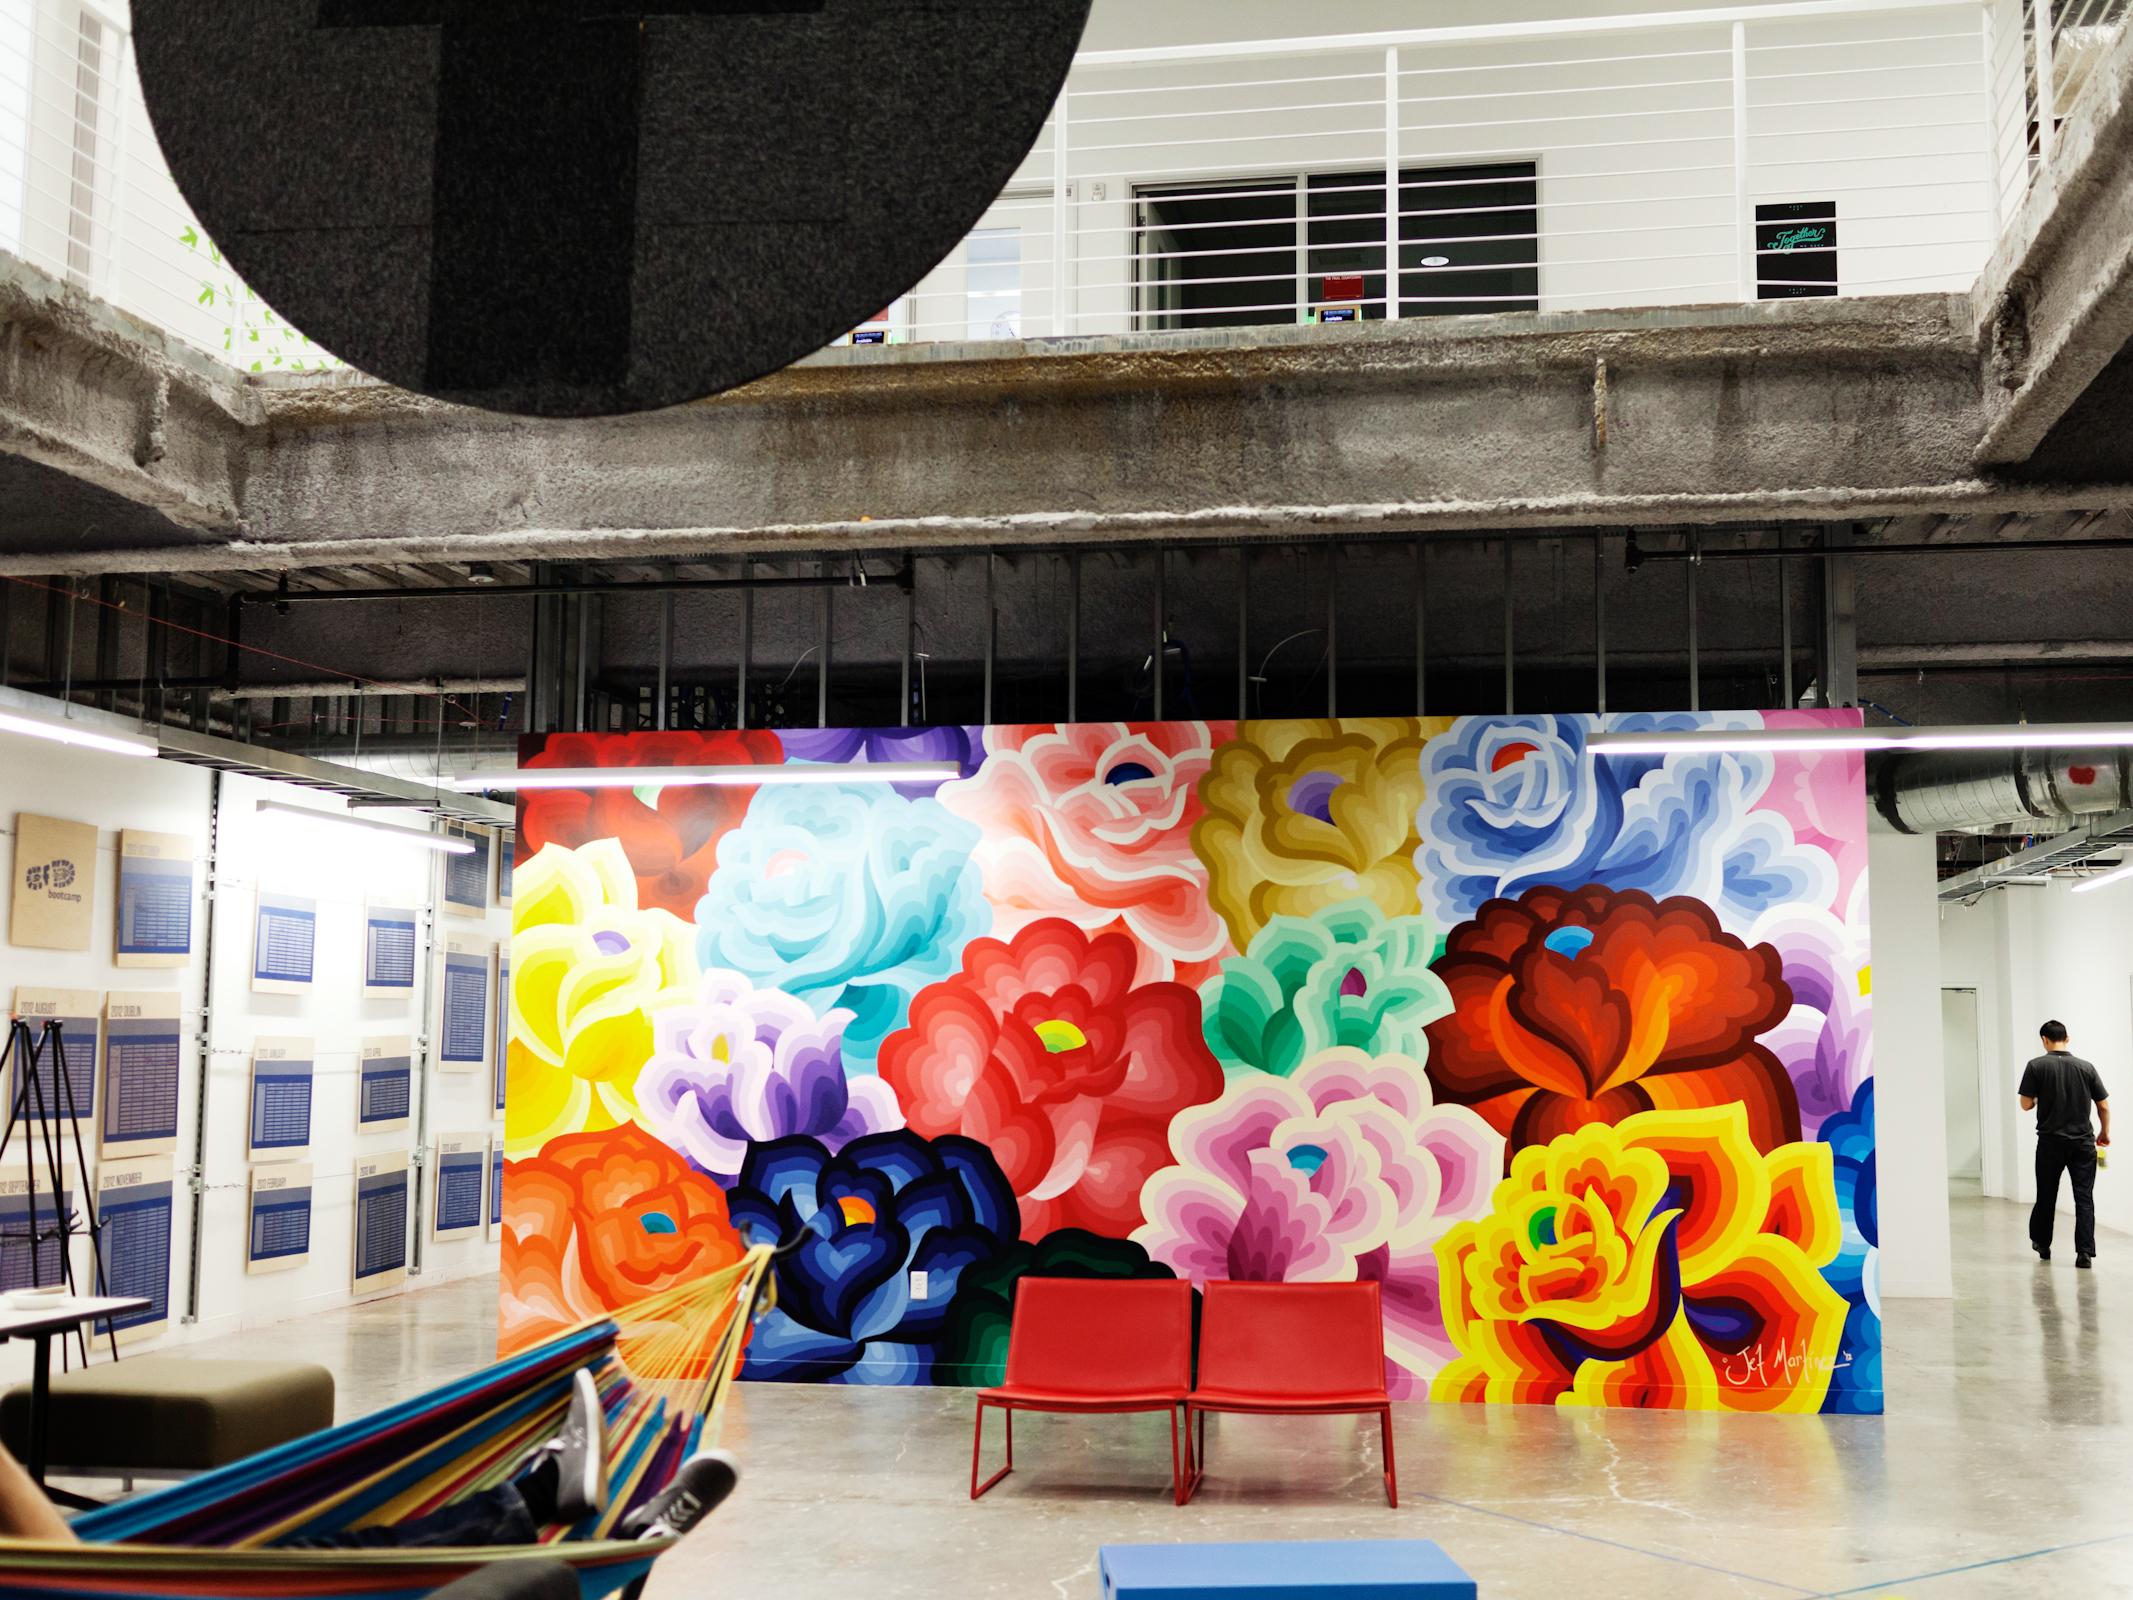 Menlo Park: Đóa hoa – bức tranh tường của nghệ sĩ Jet Martinez